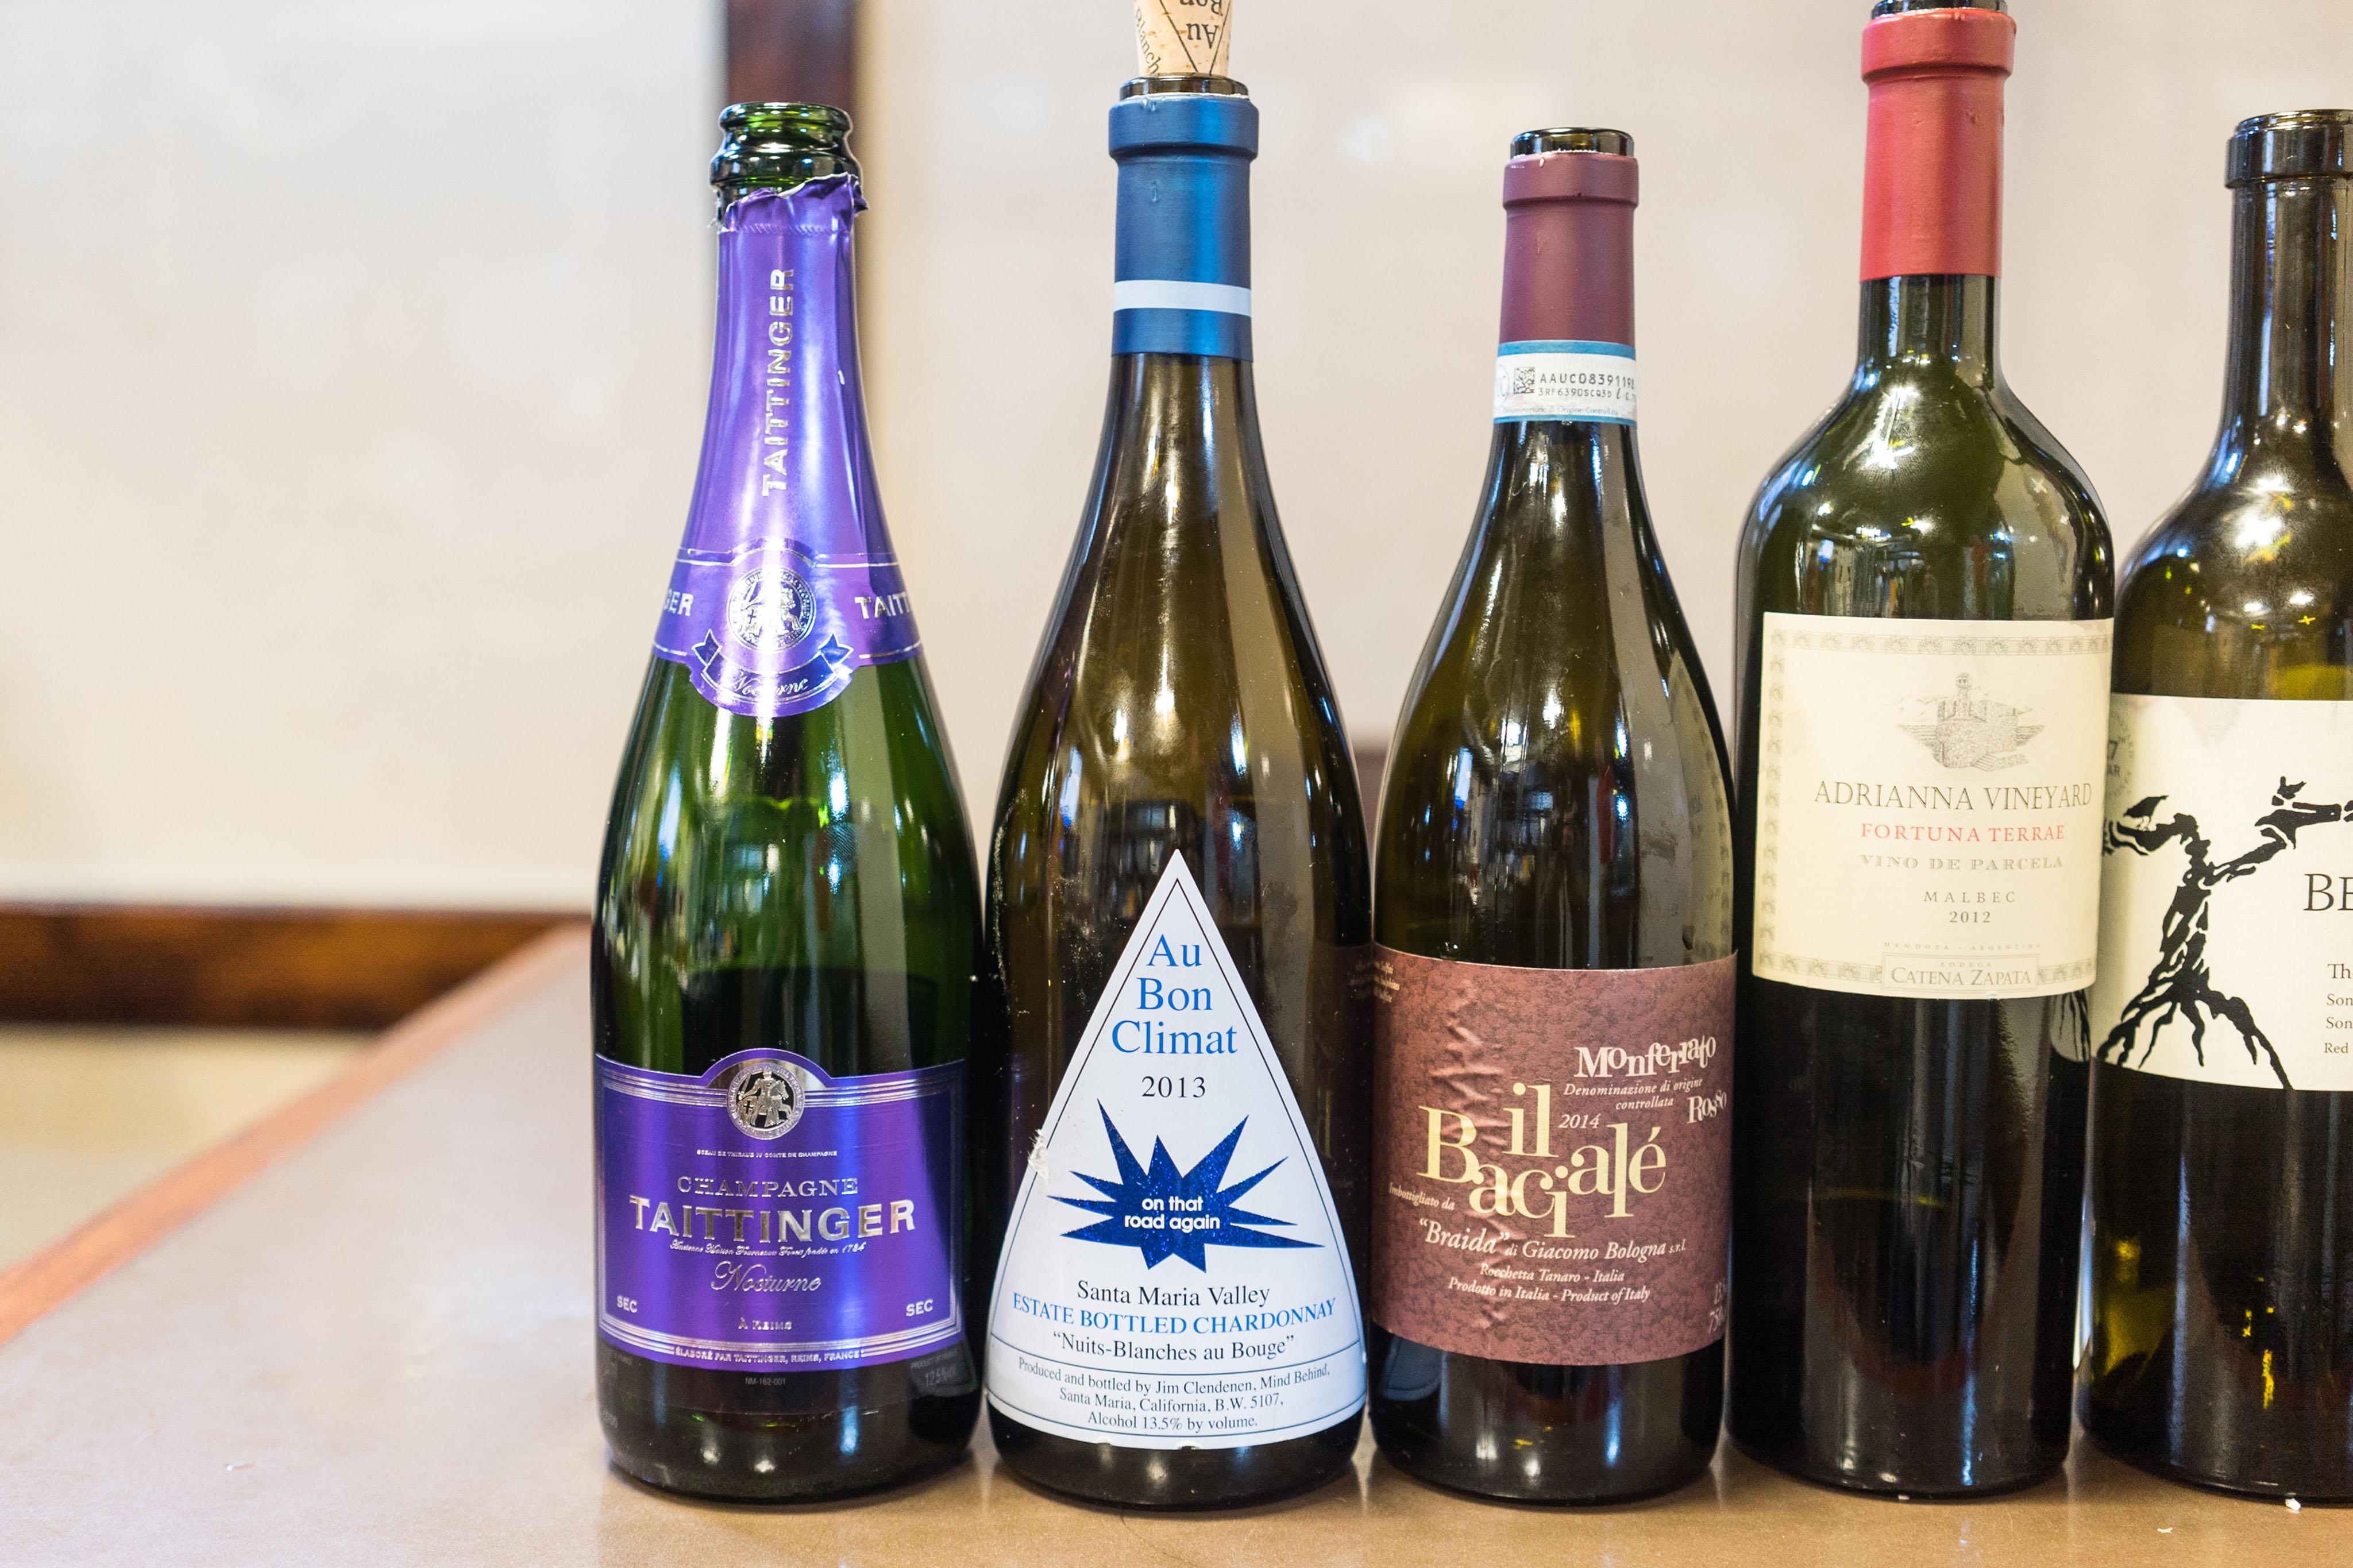 Au Bon Climat Estate Bottled Chardonnay Nuits-Blanches Au Bouge 2013